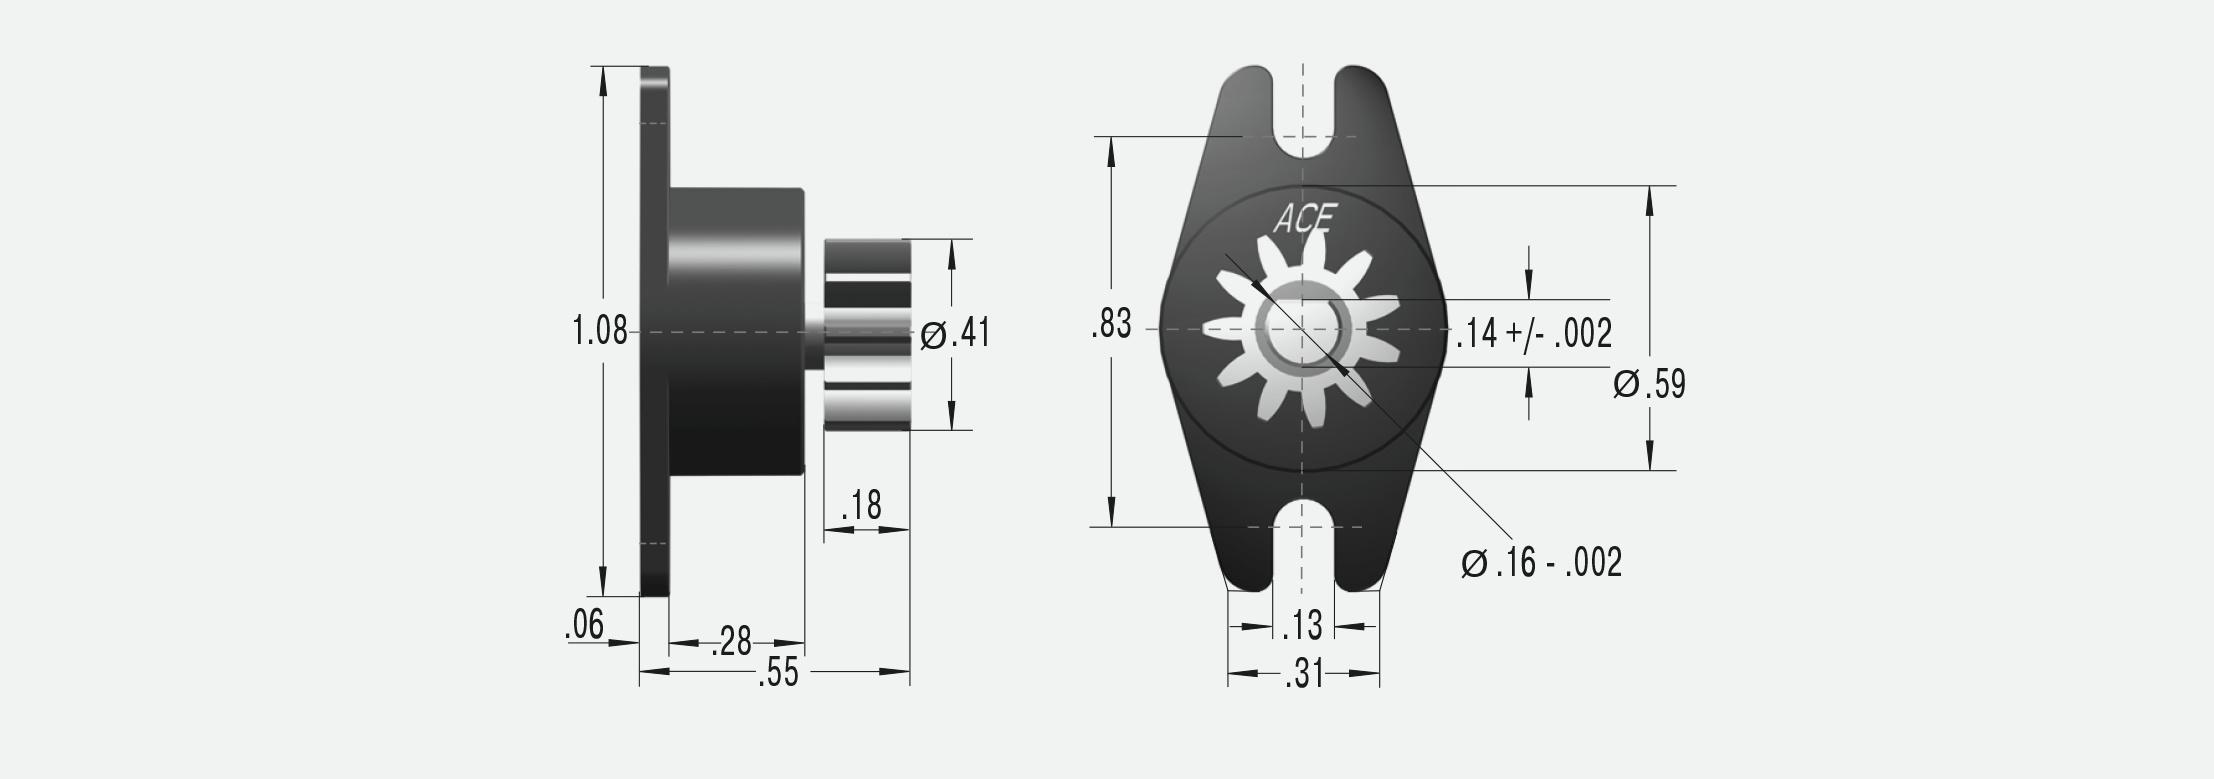 FRN-C2-R301-G1